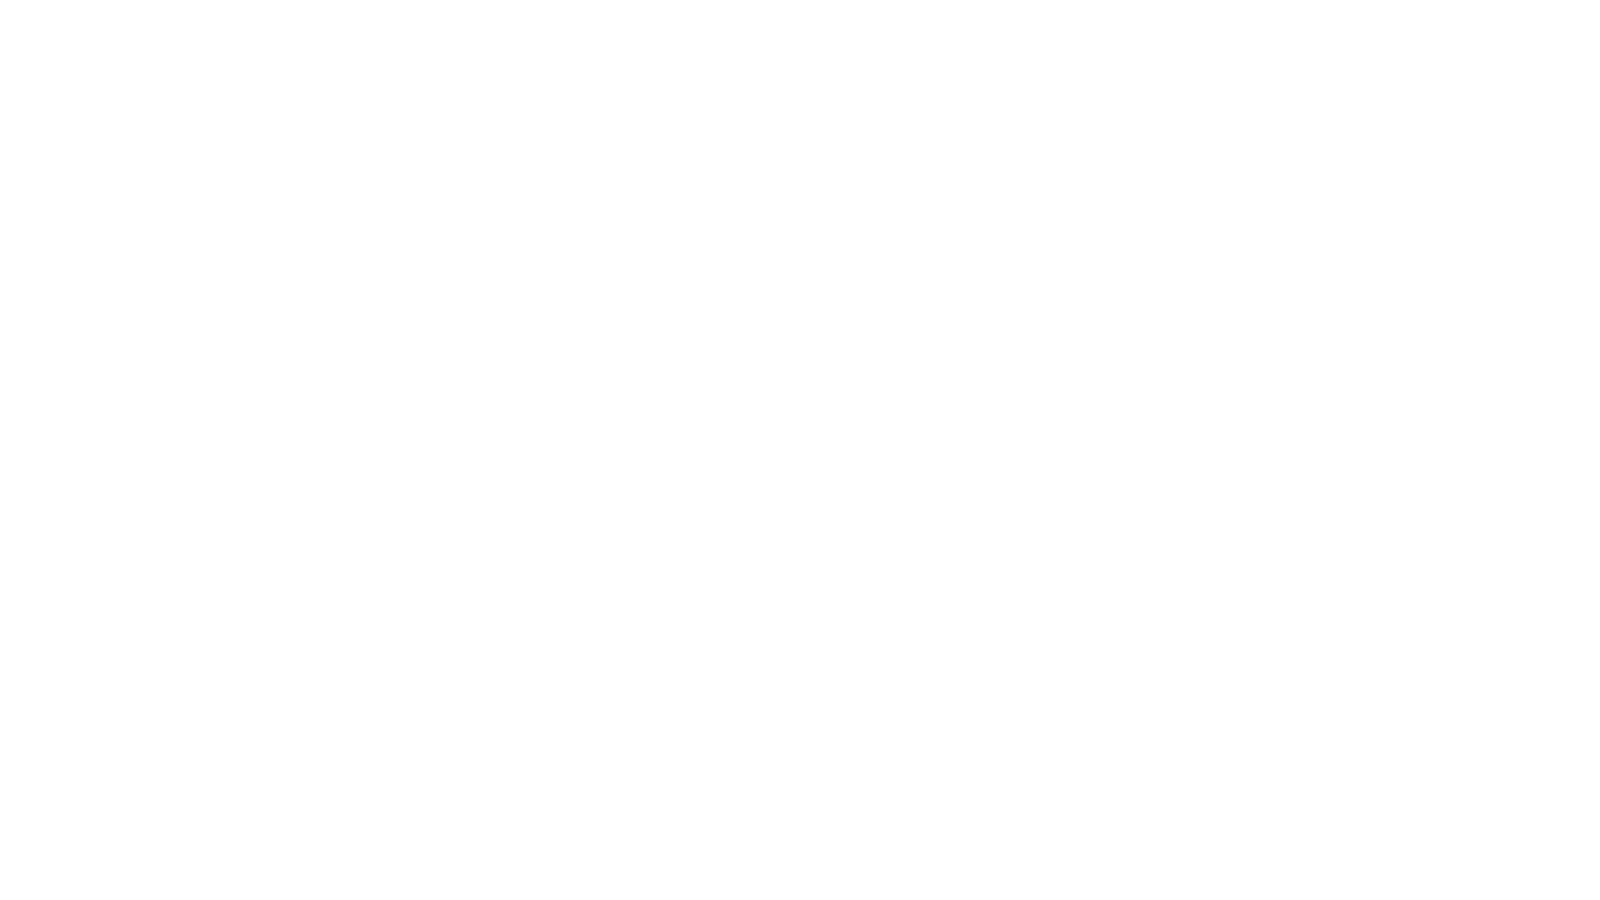 """https://geosanbattle.com/categoria-producto/customizacion/gpaint/  GPaint Cree un acabado profesional / suave en su kit con GPaint con poca experiencia en pintura. ¡Obtenga sus colores únicos combinando dos o más colores GPaint para darle a su kit un aspecto personalizado! Ahora pintar es más fácil que nunca. GPaint elimina la molestia de obtener la proporción correcta de """"pintura a diluyente"""" para permitirle disfrutar plenamente del proceso de pintura. Deje que GPaint se encargue de la pintura mientras usted se concentra en pintar.  GPAINT ES: • Pintura a base de laca • 65 ml (bueno para 3-4 kits) • Úselo directamente de la botella • Pre-diluido y optimizado para aerografía • Apto para pintar a mano • Viene en 8 colores • Crea tus colores mezclando GPaint directamente de la botella • Apto para principiantes • Bueno para todo tipo de maquetas (Gunpla, Military, Mini Figures) • De acuerdo con todos los códigos de peligros para la salud y la seguridad  COMUNIDAD GPAINT: Únase a la comunidad de GPaint en constante crecimiento de forma gratuita en Discord para obtener más información sobre GPaint, intercambiar consejos y tutoriales. Únase aquí: https://discord.gg/v6e7fMxbbB  CÓMO ALMACENAR: Almacene bien tapado y alejado de la luz solar directa. Úselo en una habitación bien ventilada y lejos de llamas abiertas.  DIRECCIÓN DE USO: Empiece por agitar bien la botella. Asegúrese de que esté bien mezclado y desenrosque la tapa de la botella para despegar el sello de pintura. Enrosque firmemente la tapa de la botella y desenrosque la parte transparente de la tapa. Comience a verter la pintura en su recipiente de pintura o directamente en la taza de color del aerógrafo para pintar o aerografiar."""